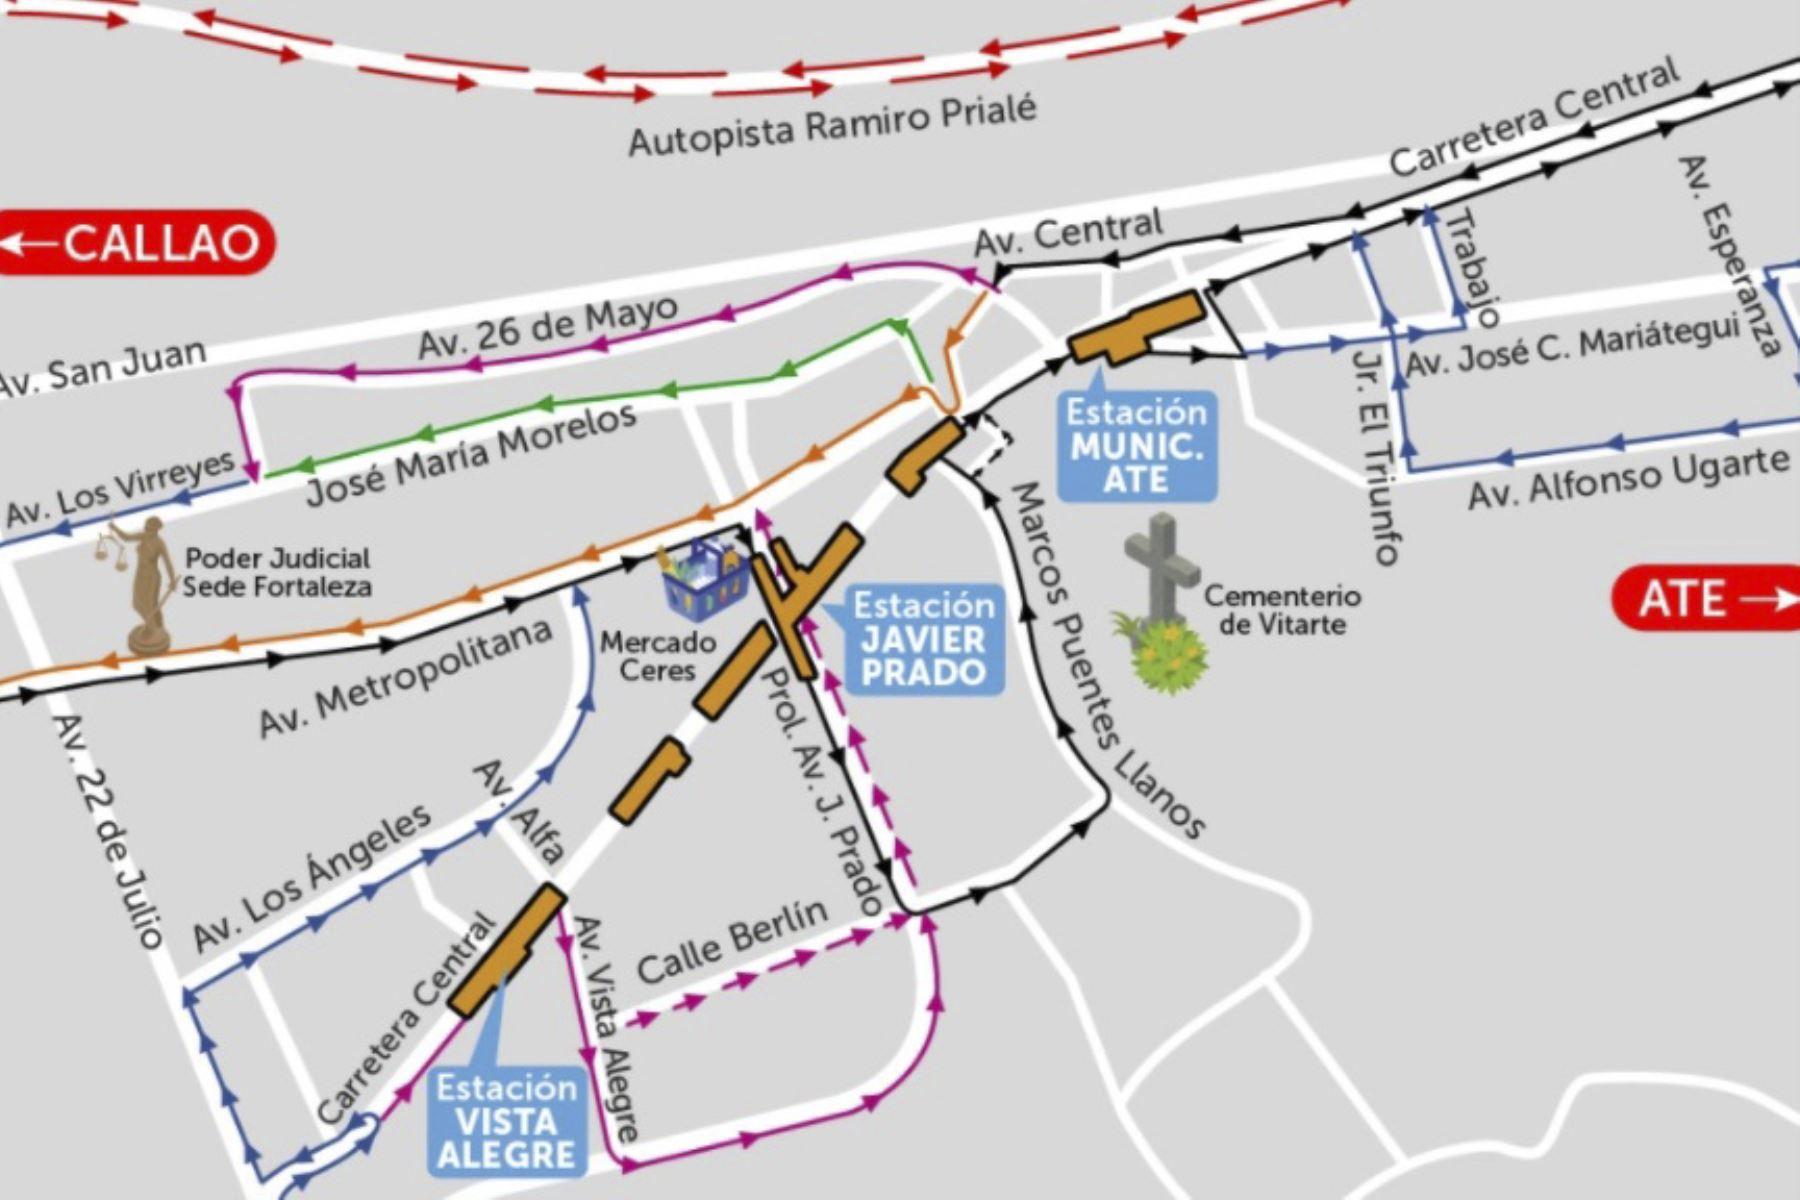 Línea 2 del Metro de Lima y Callao: hoy inicia construcción de estación Vista Alegre | Noticias